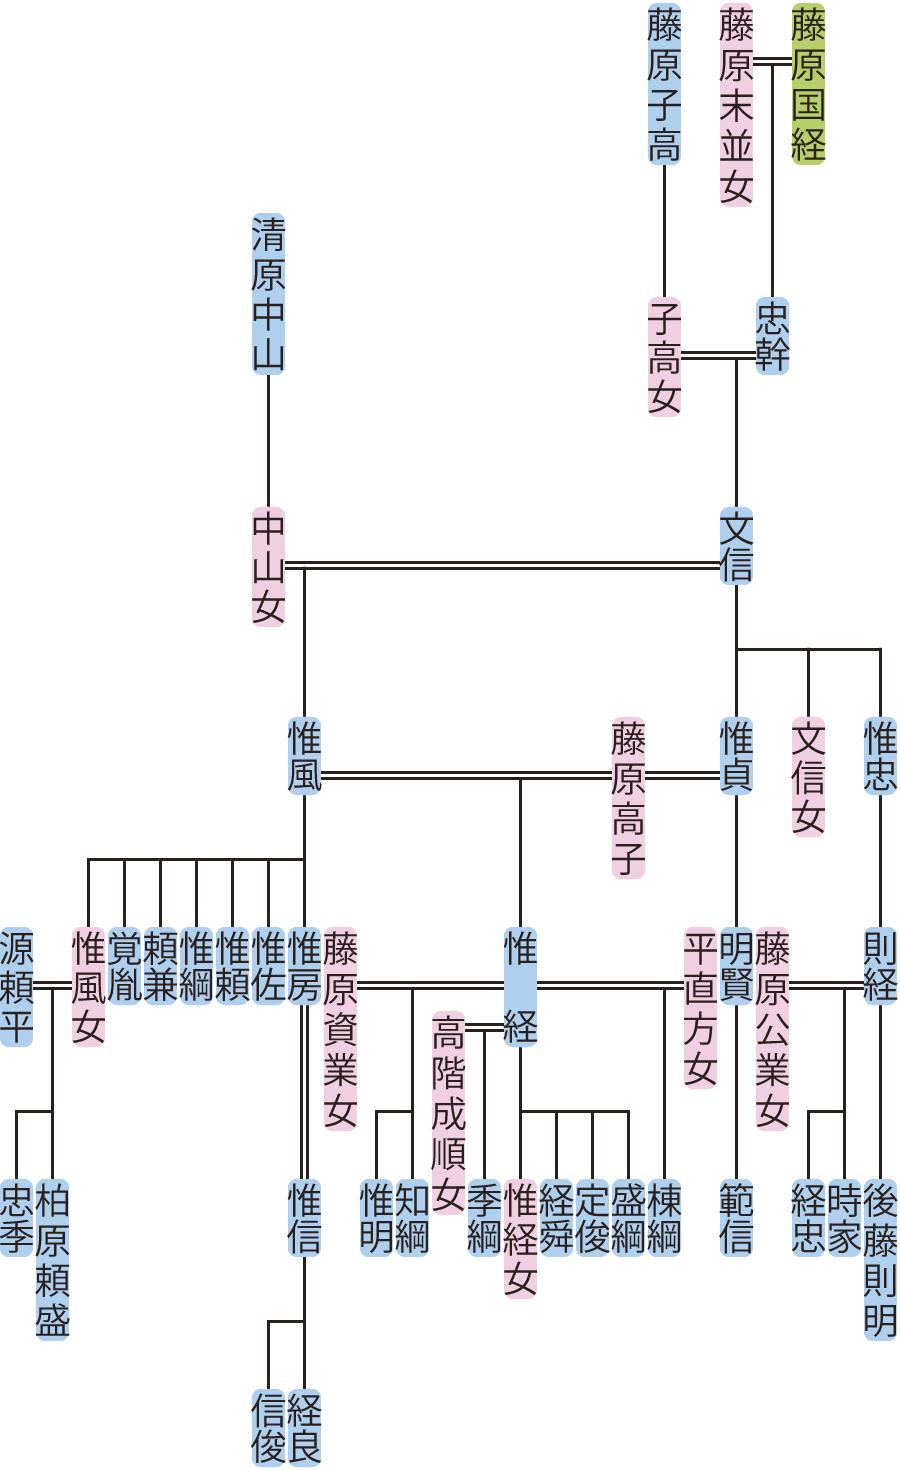 藤原文信・惟風の系図